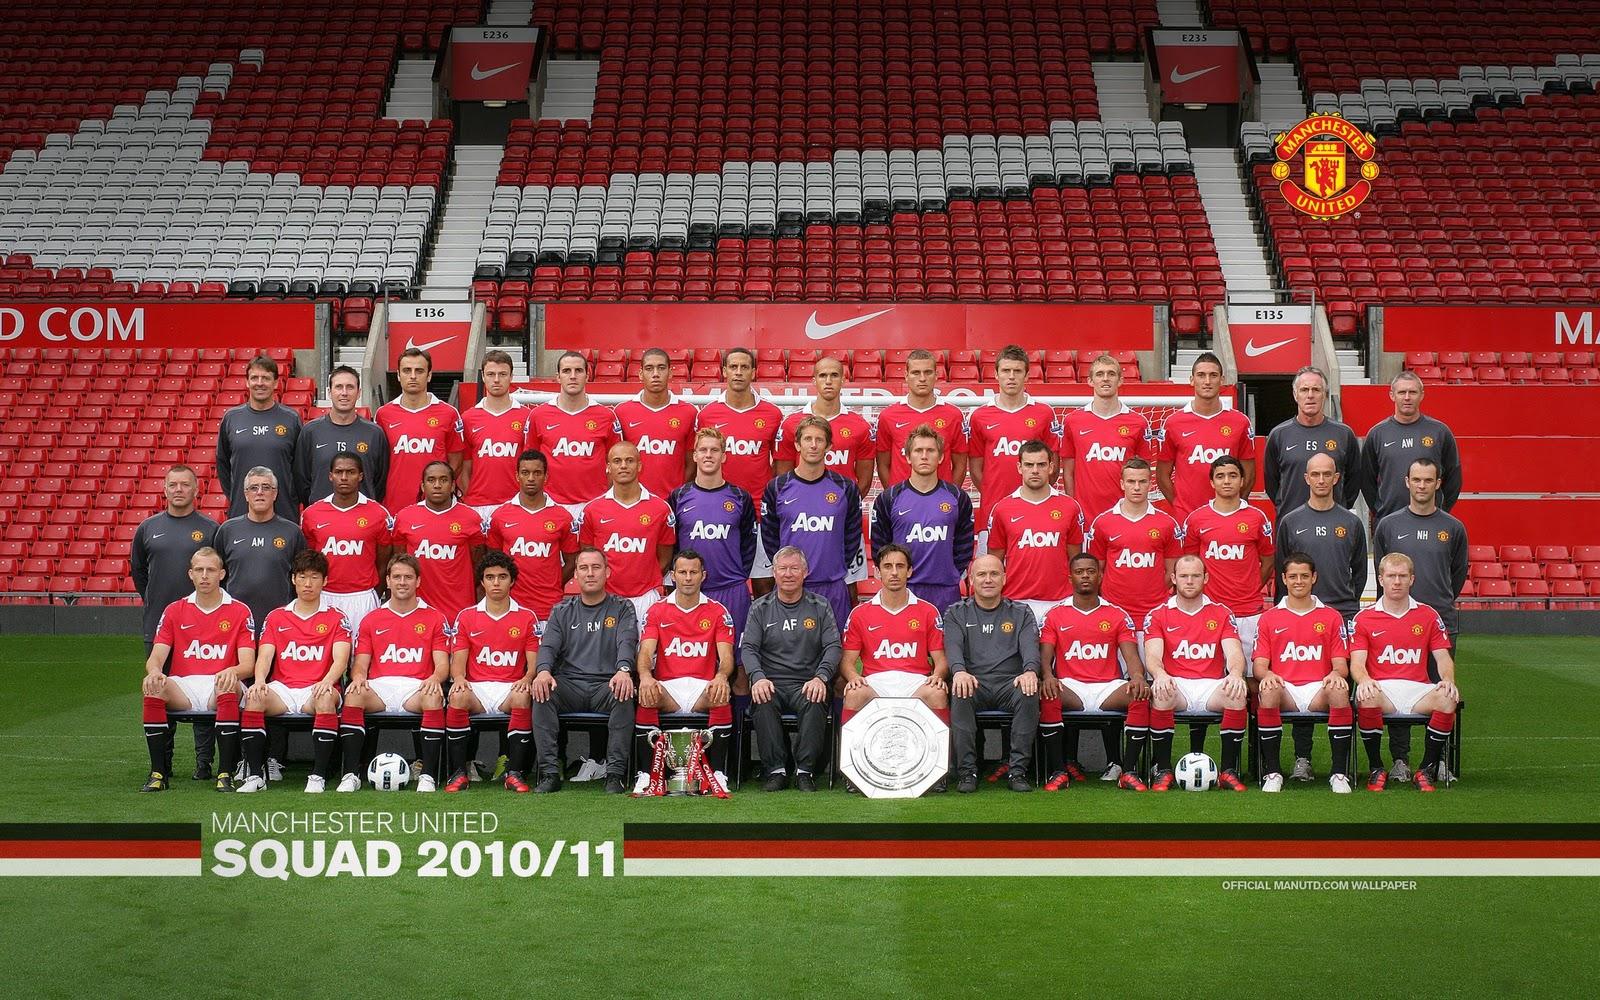 http://2.bp.blogspot.com/_b7JZJFRwJ3I/TJsy7564bkI/AAAAAAAAA7Q/vahTzcVOqac/s1600/manutd-2010-2011-team-wallpaper.jpeg